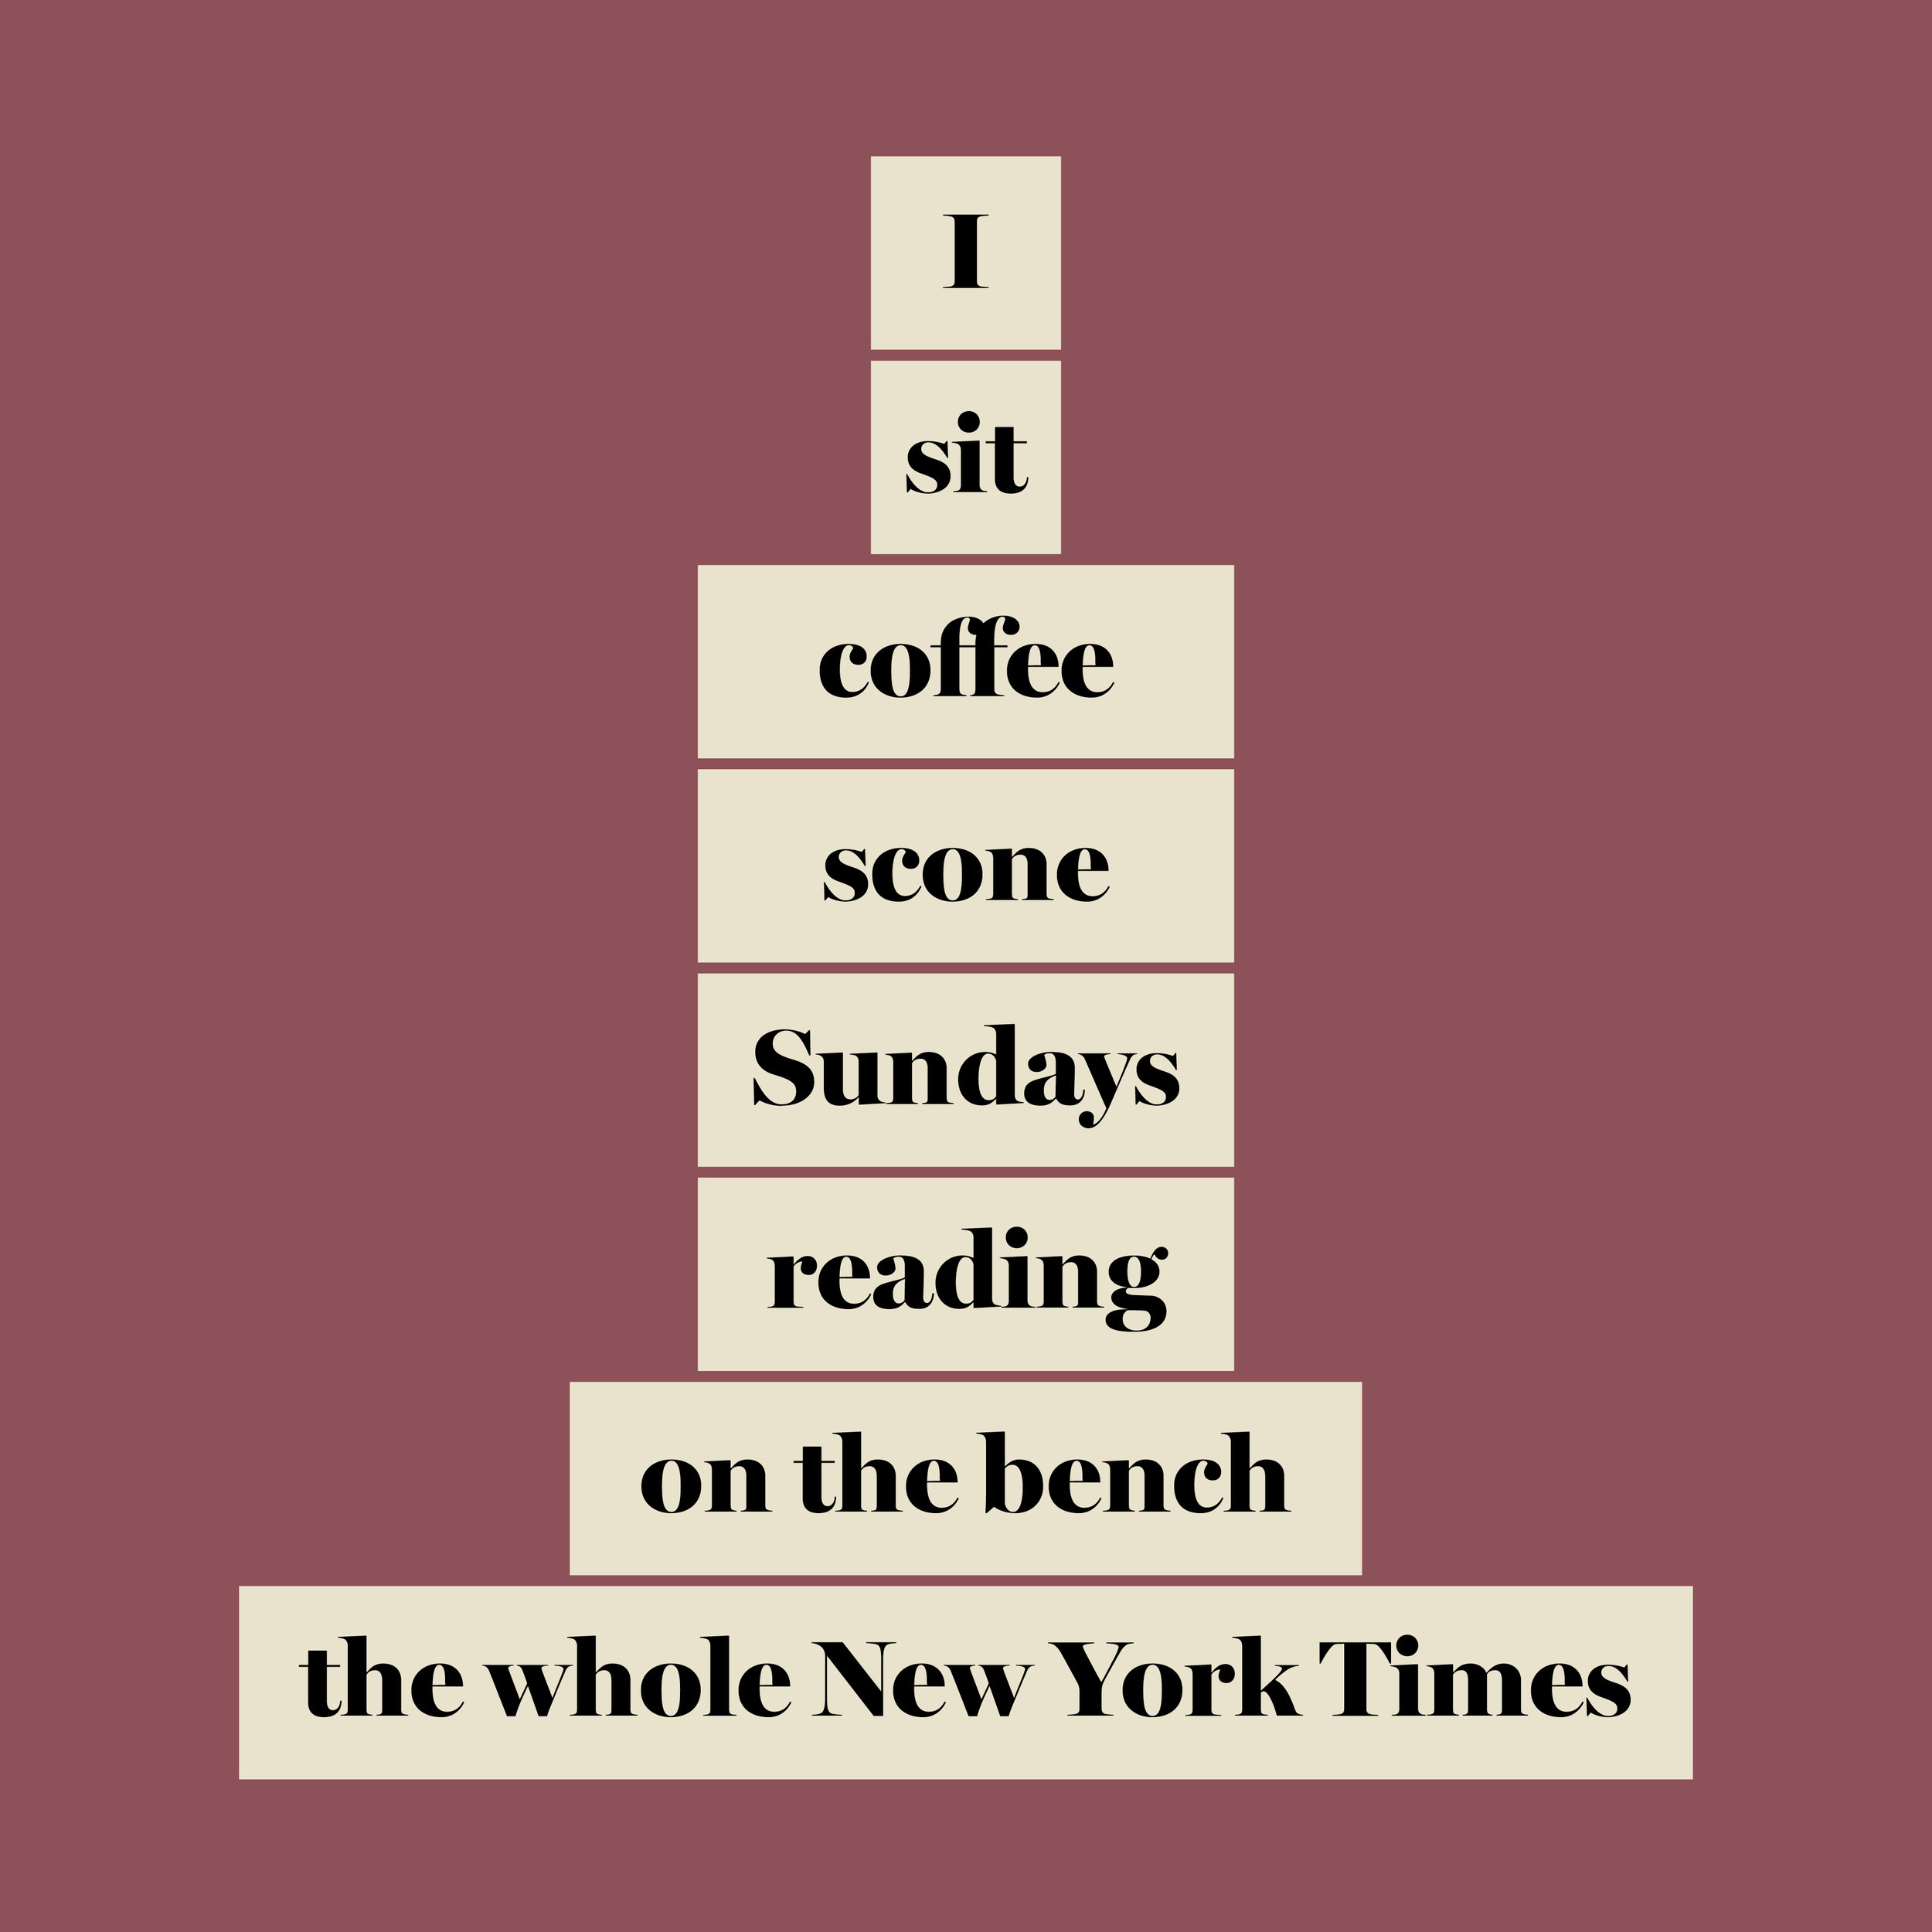 We Were Here, I sit coffee